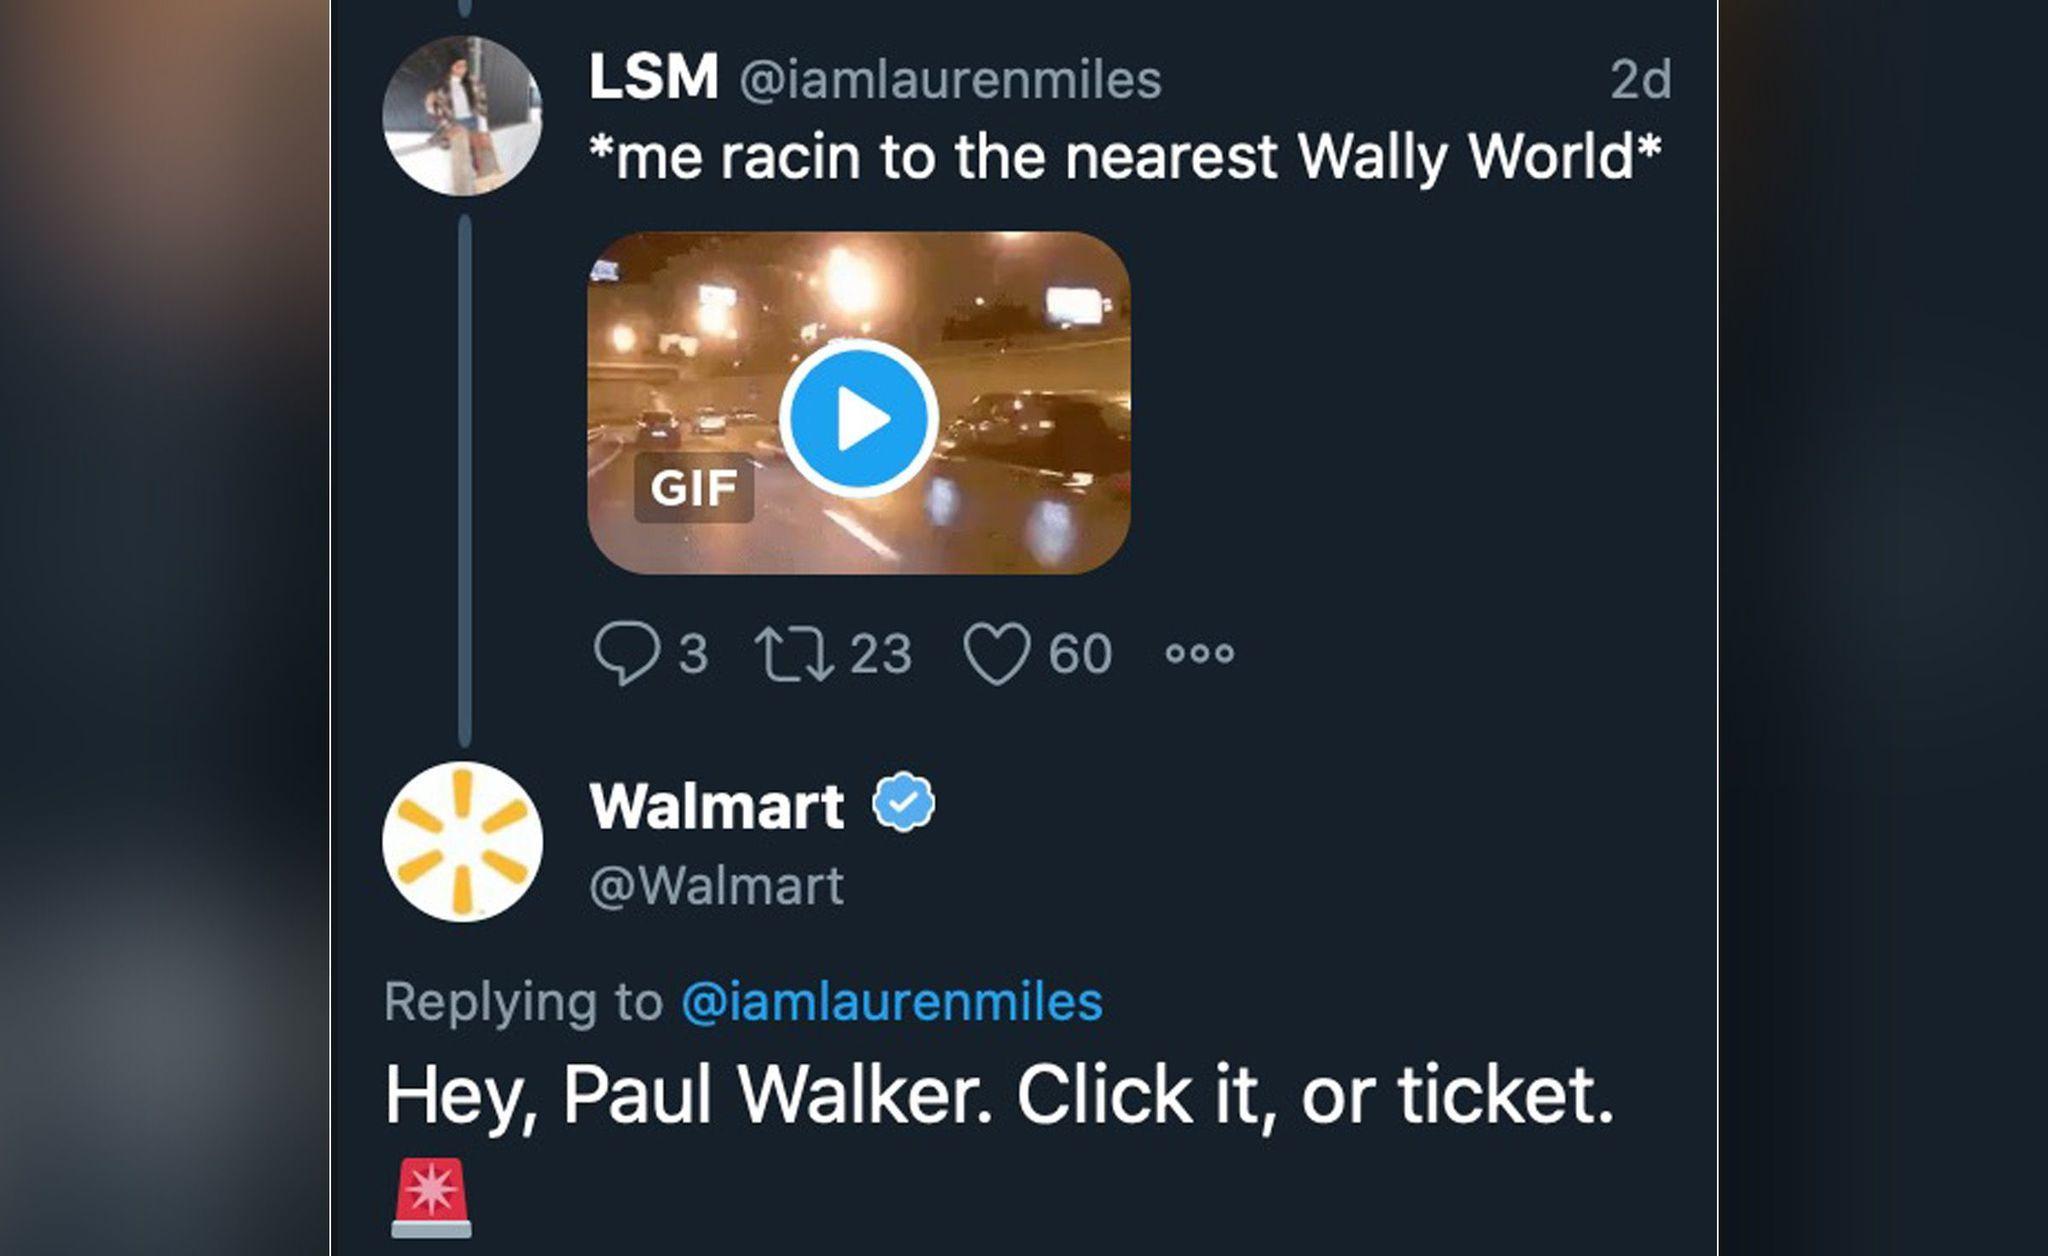 Walmart apologizes for joke tweet about Paul Walker speeding